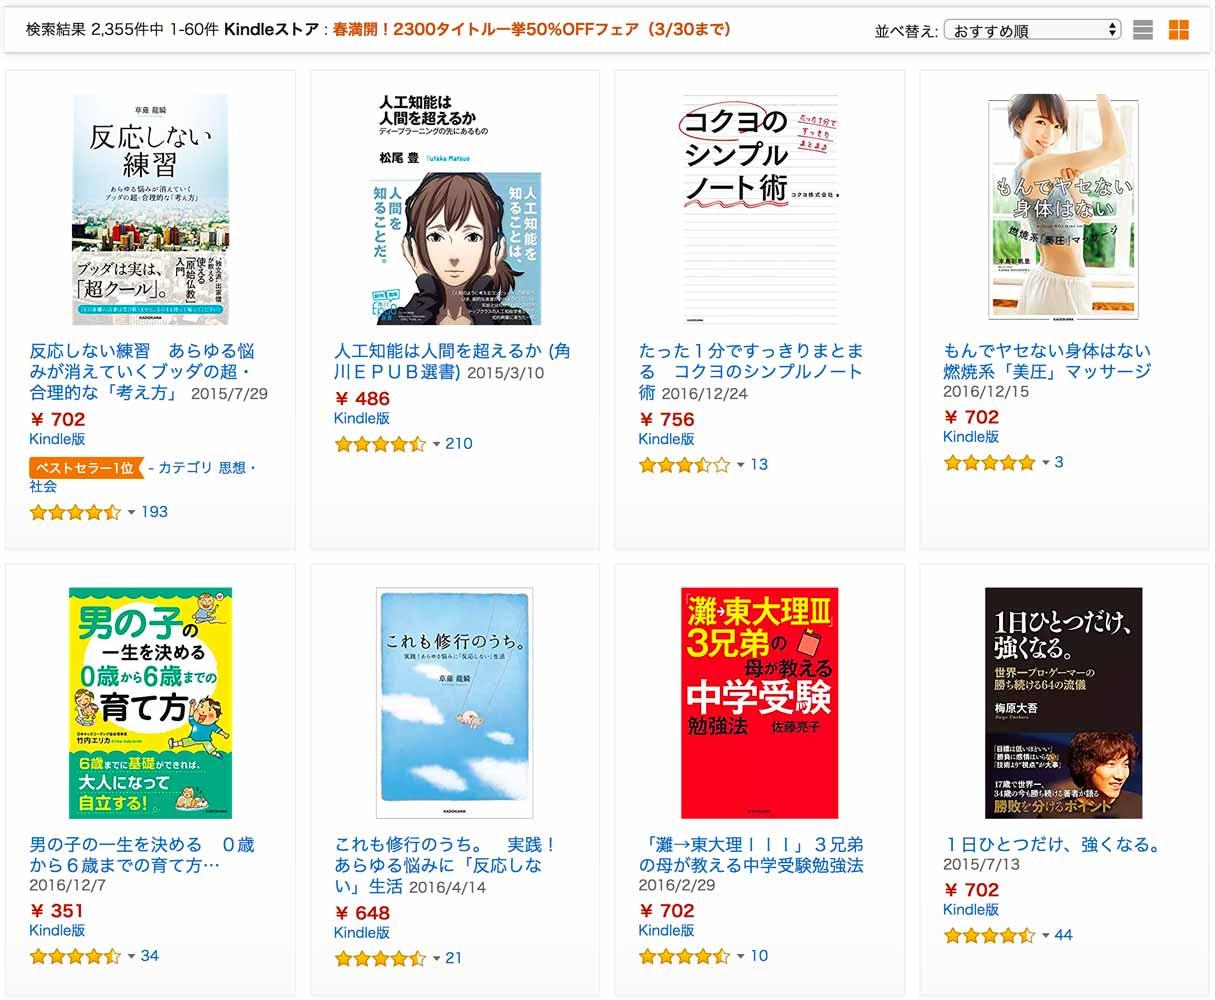 【50%オフ】Kindleストア、「春満開!2300タイトル一挙50%OFFフェア」実施中(3/30まで)